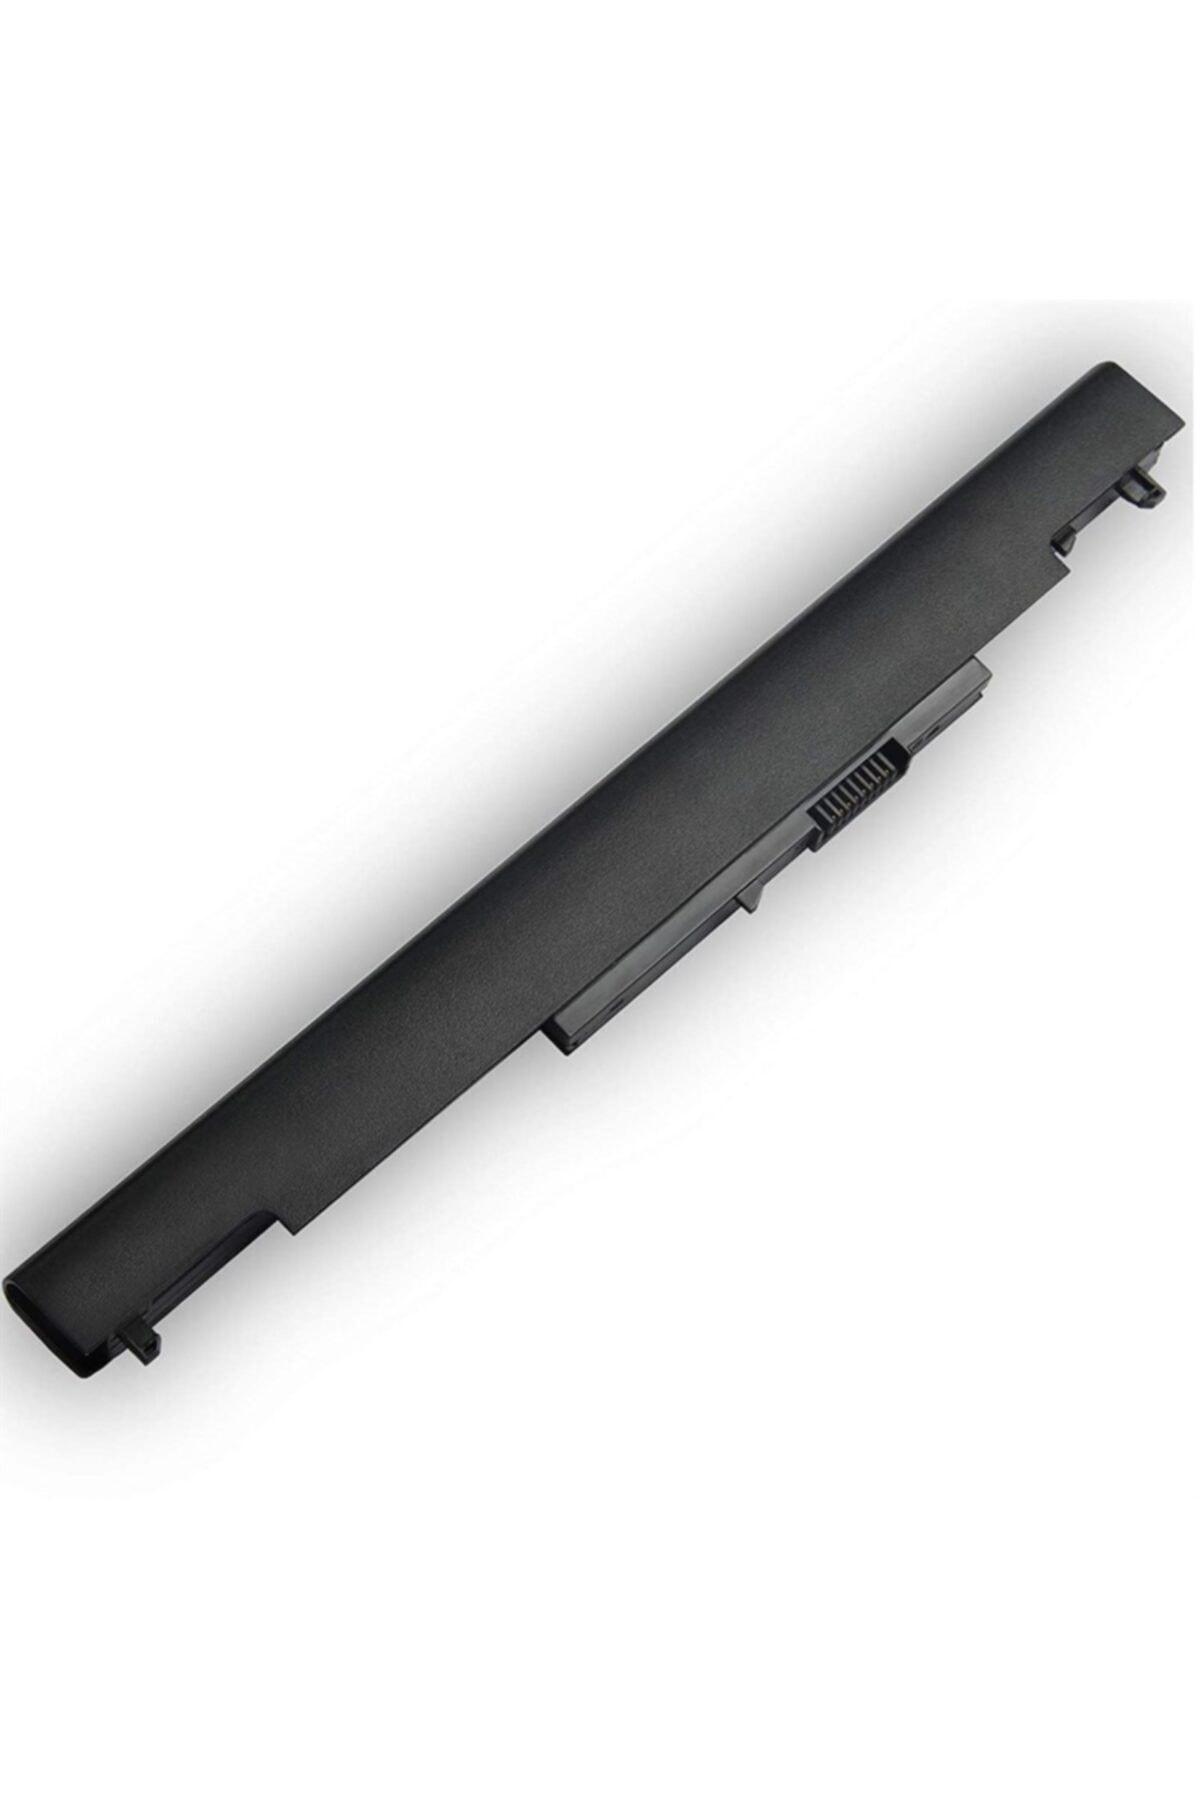 Fixar Hp Pavilion 15-ac108nt Notebook Batarya (pil) 2